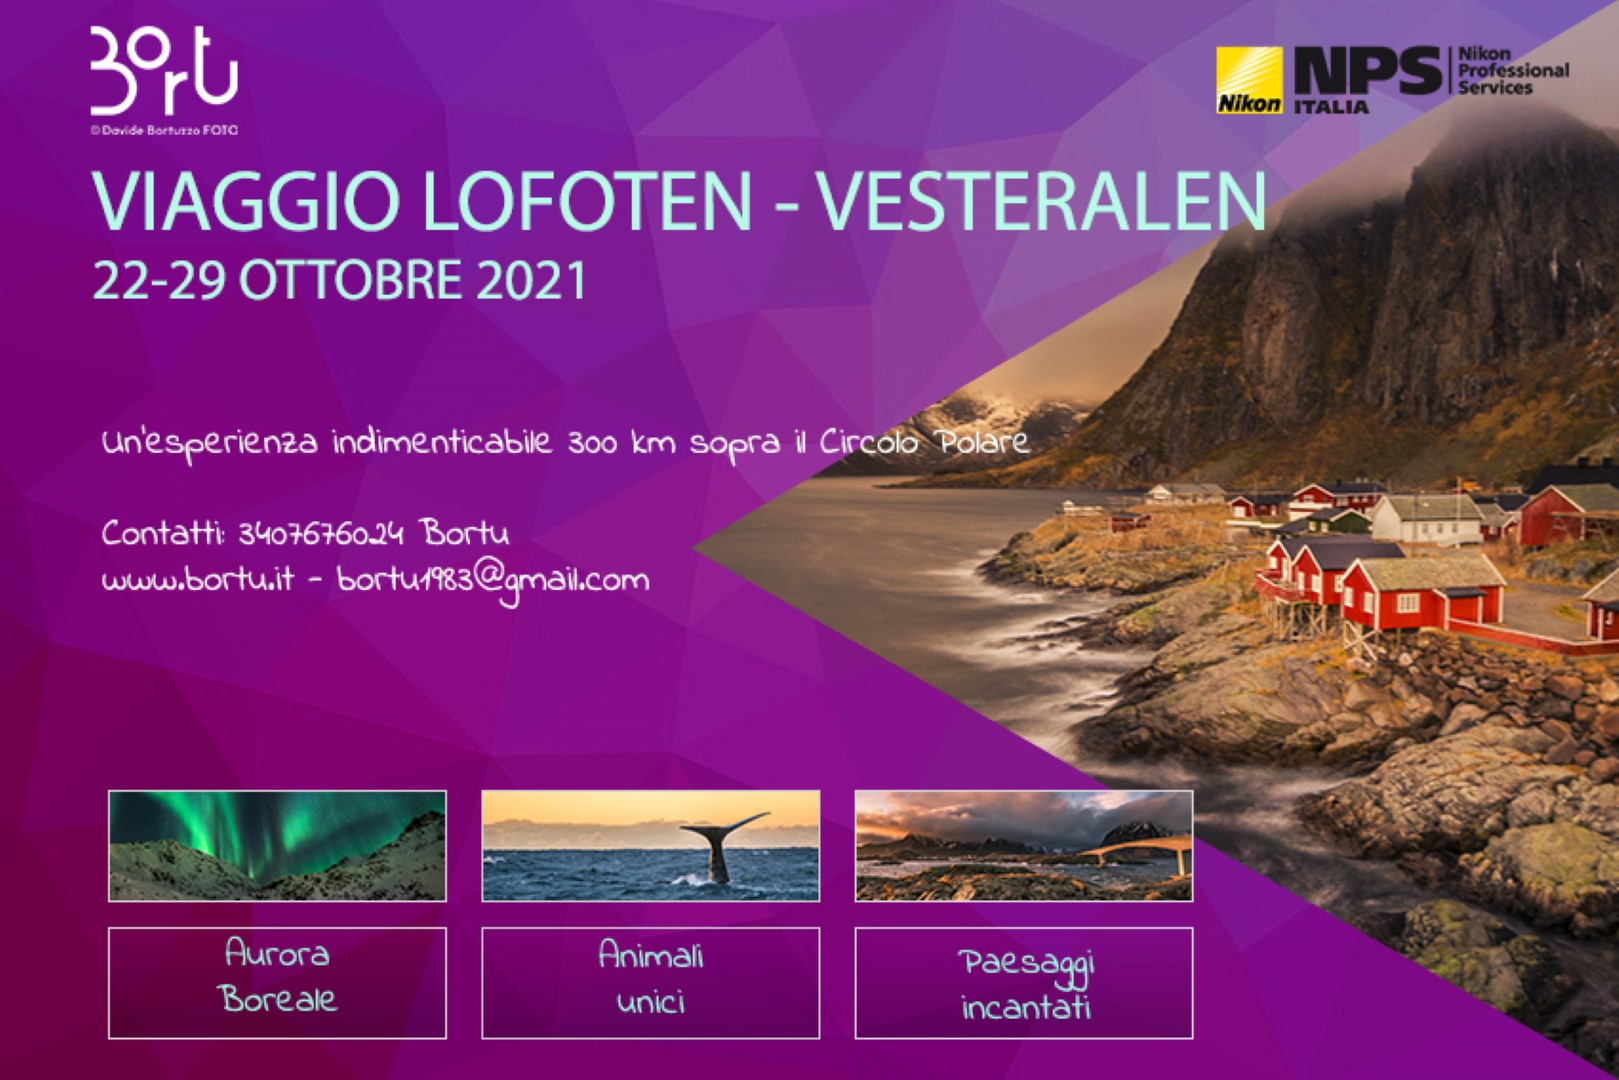 VIAGGIO Lofoten 2021